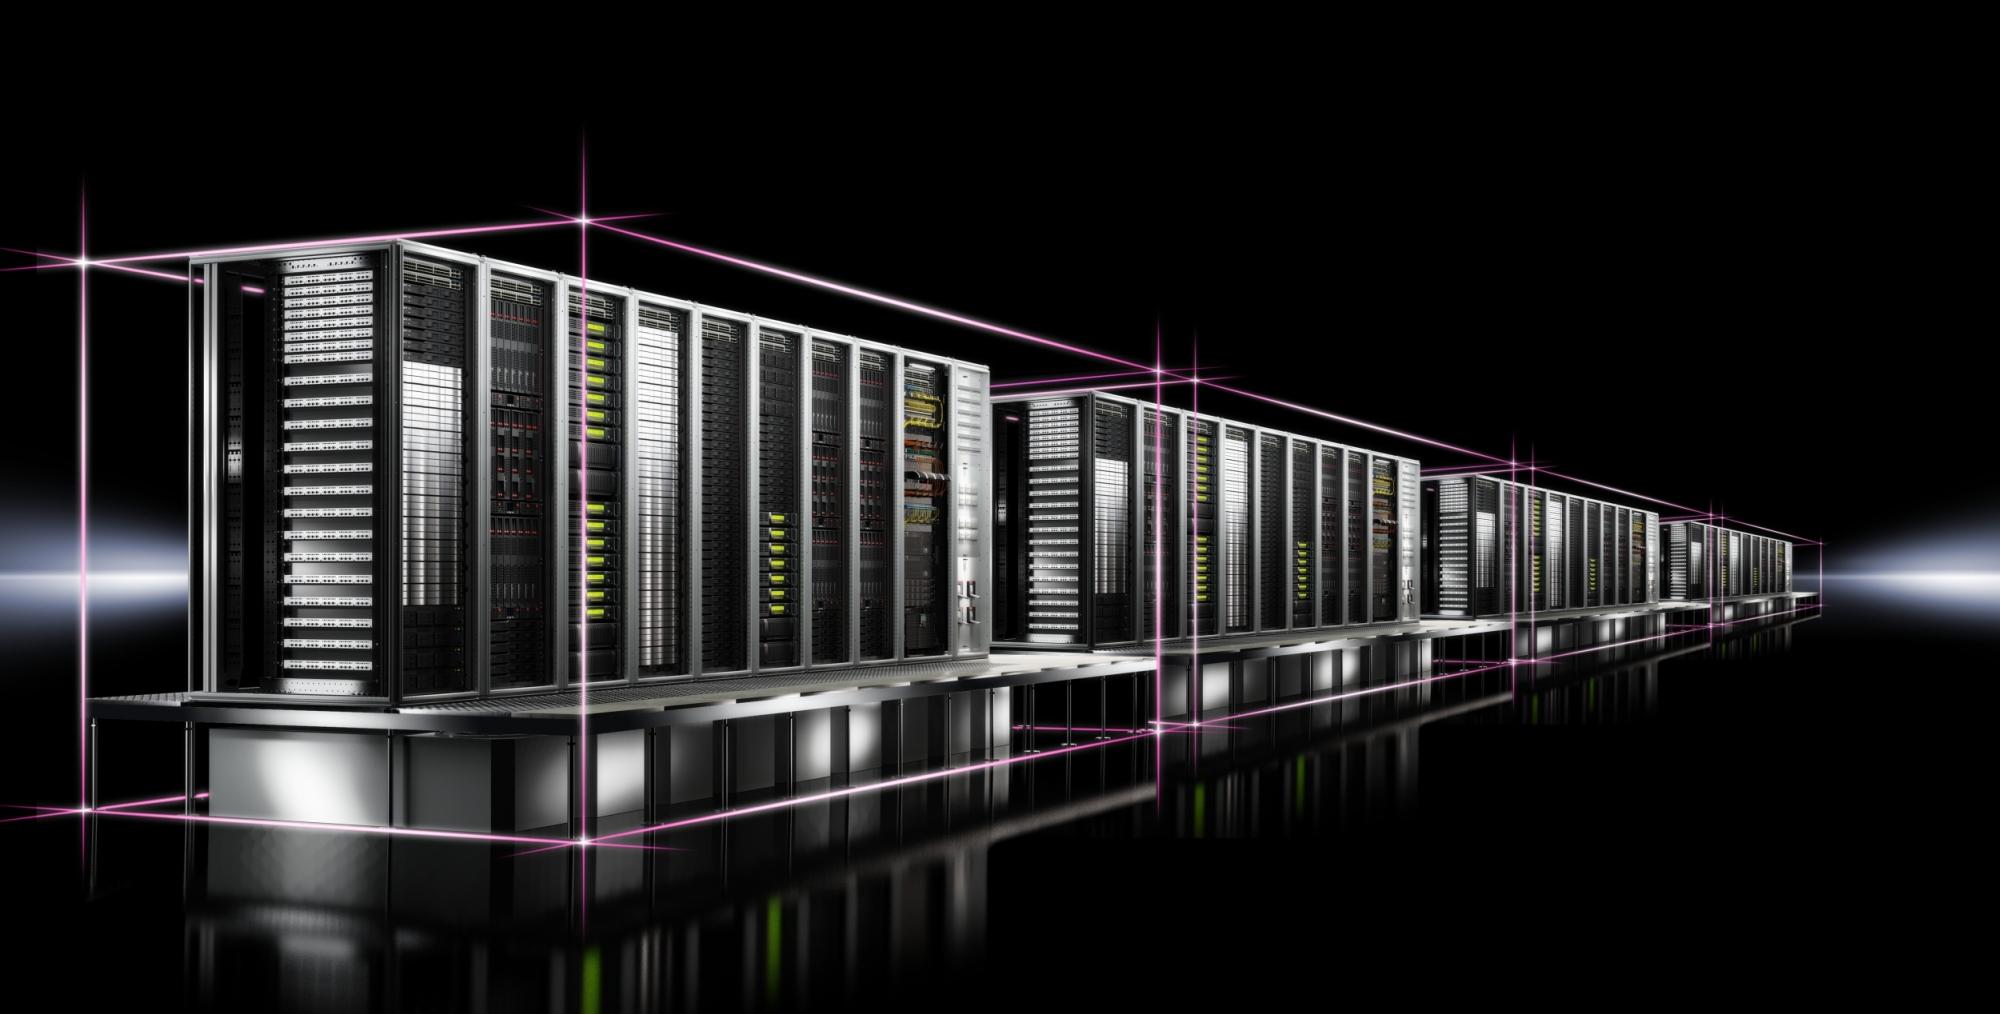 Rittal zaprezentuje na targach CeBIT 2013 RiMatrix S – pierwsze na świecie rozwiązanie standaryzowanych centrów danych